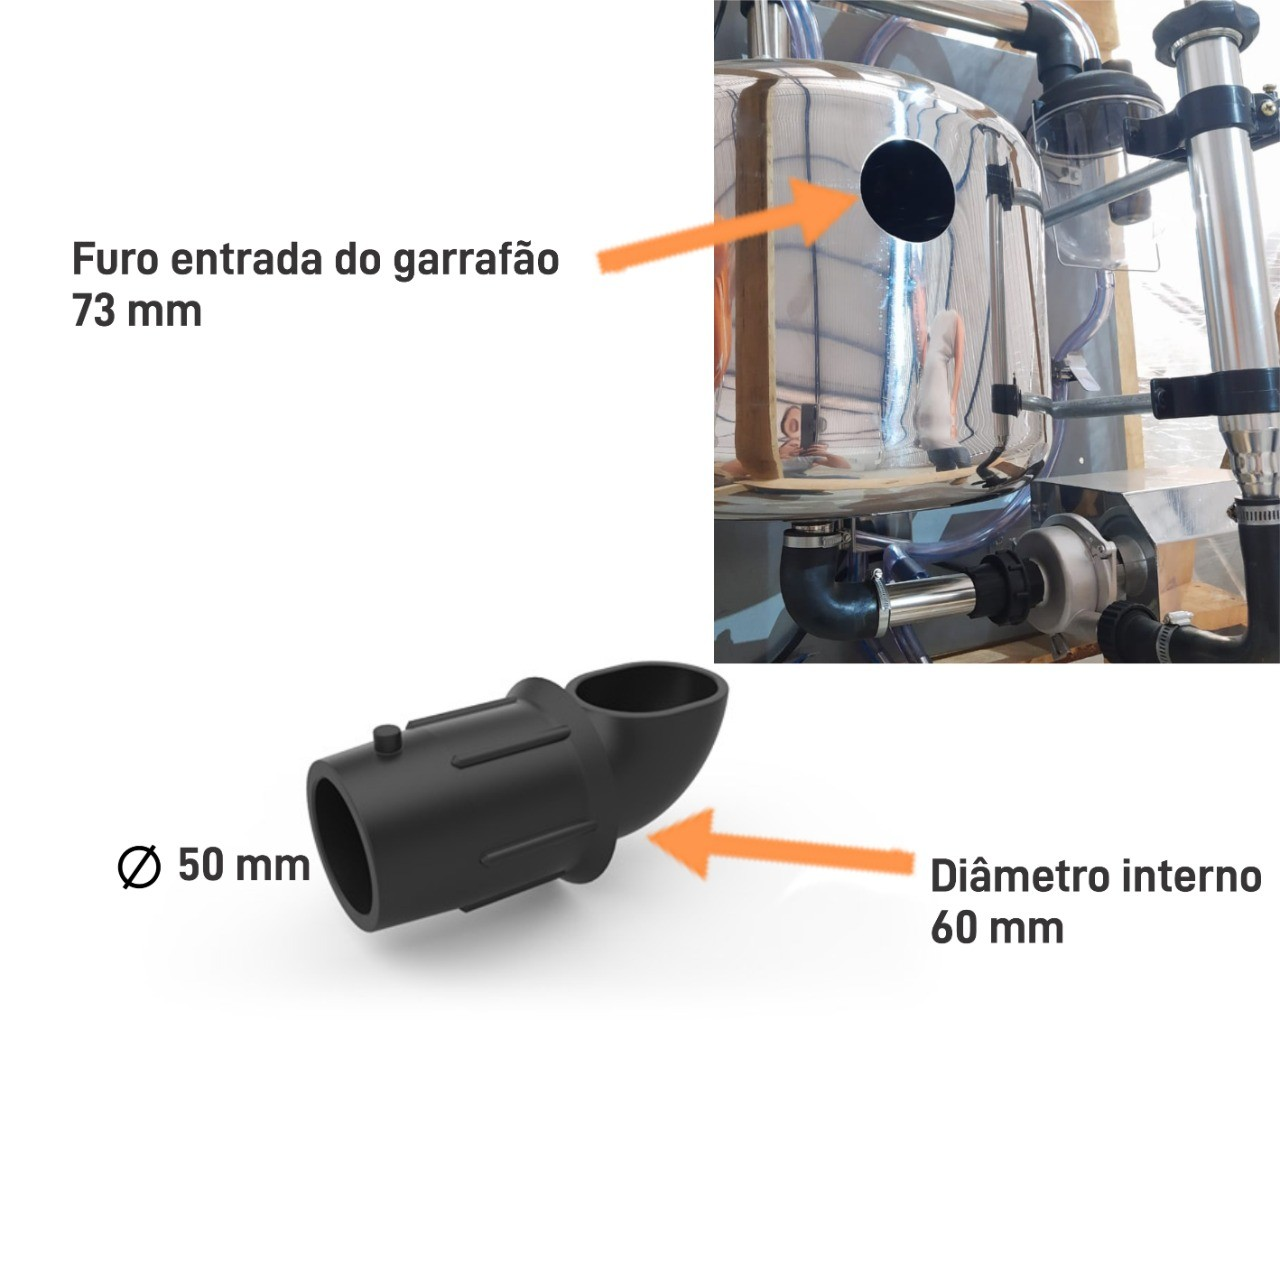 ENTRADA DO LEITE NO GARRAFAO 50 X 60